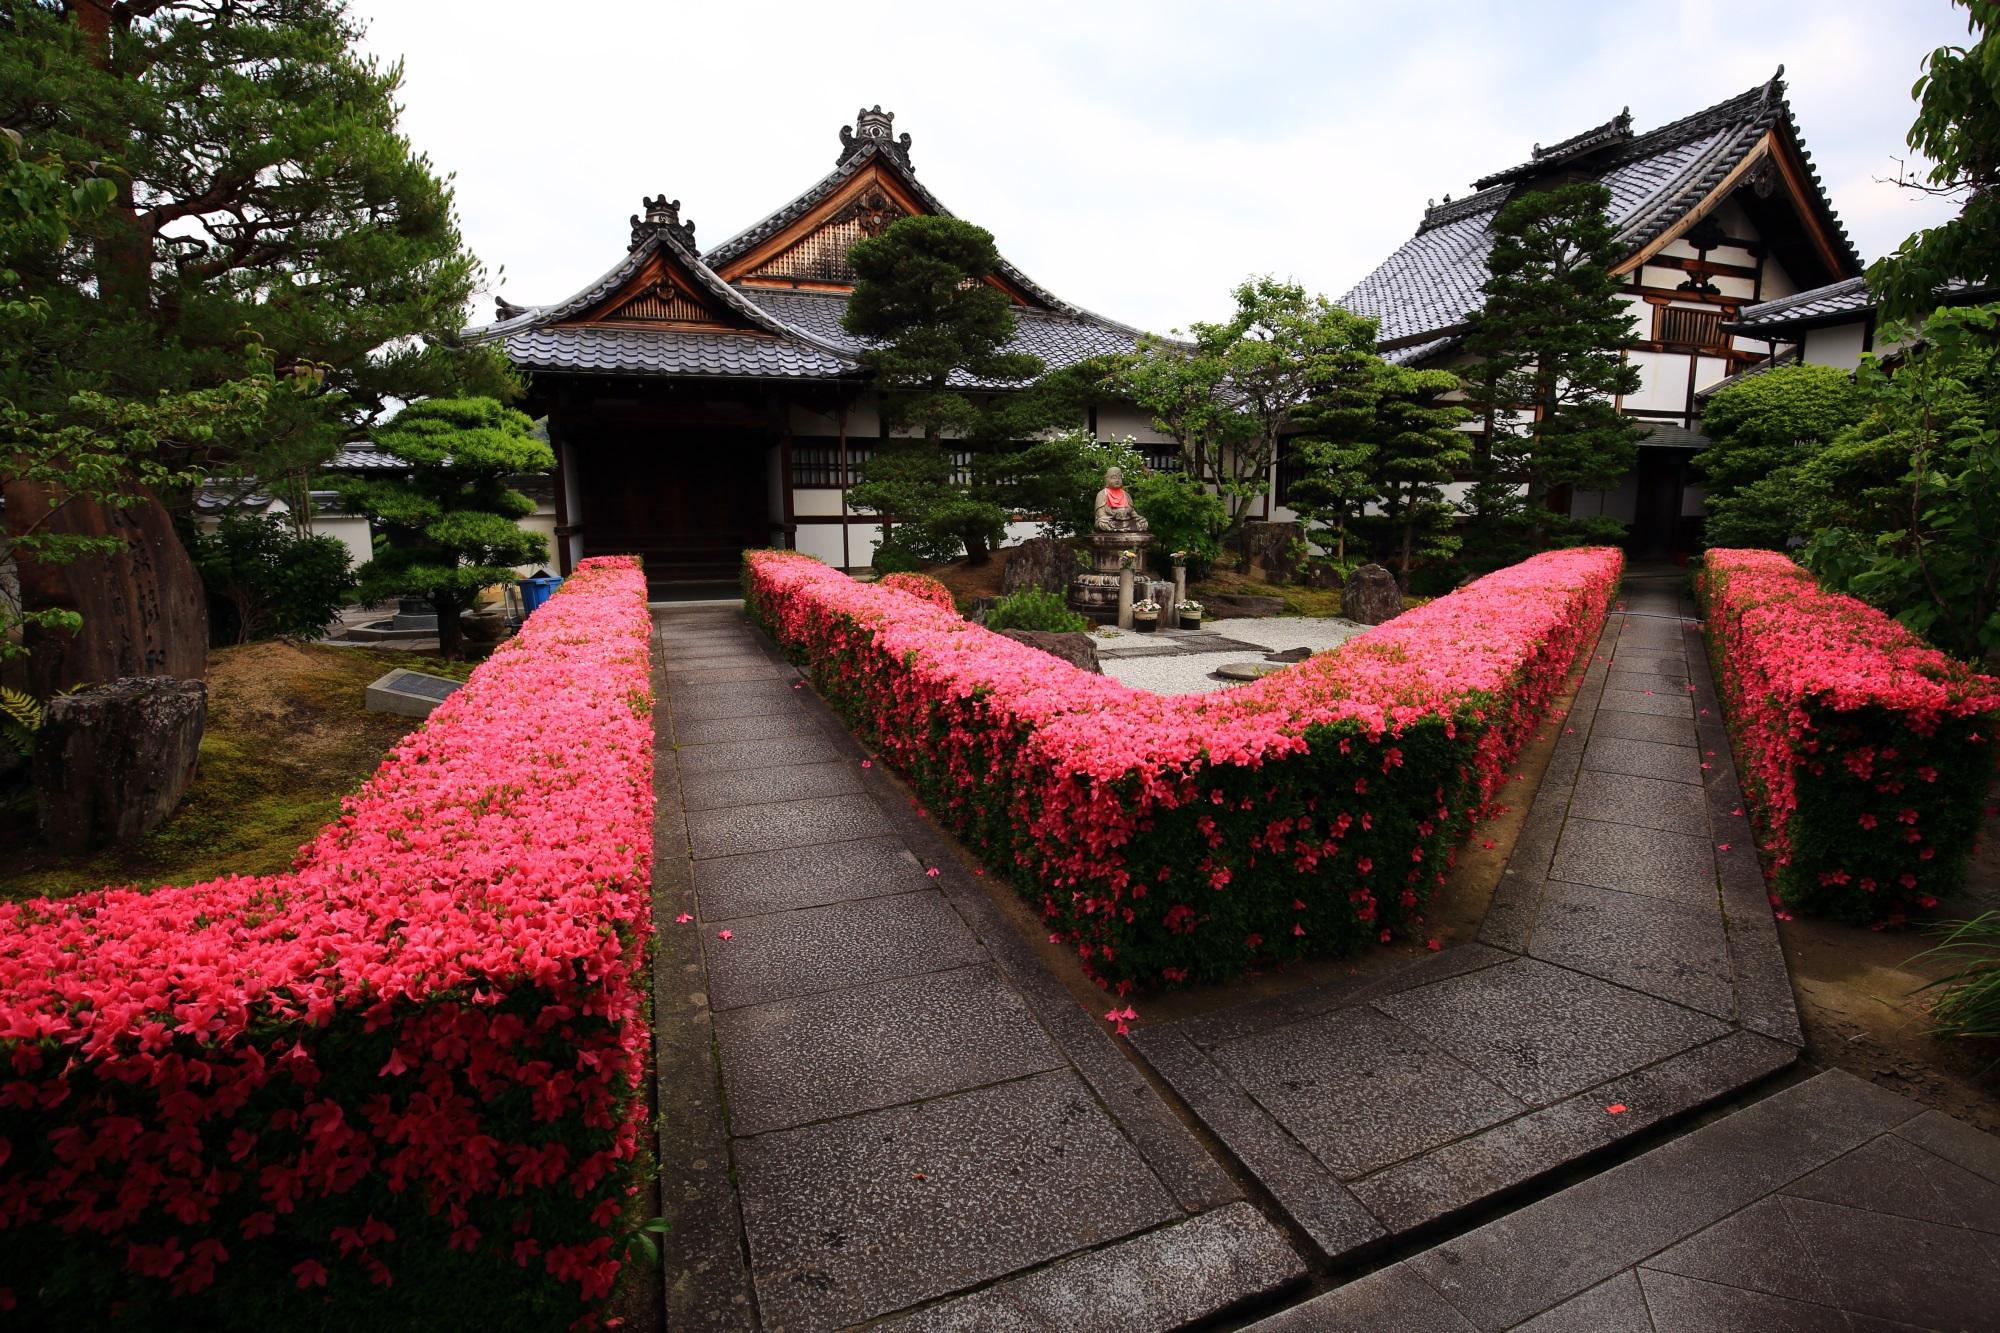 妙心寺 慈雲院 さつき ピンクに彩られる圧巻の生垣